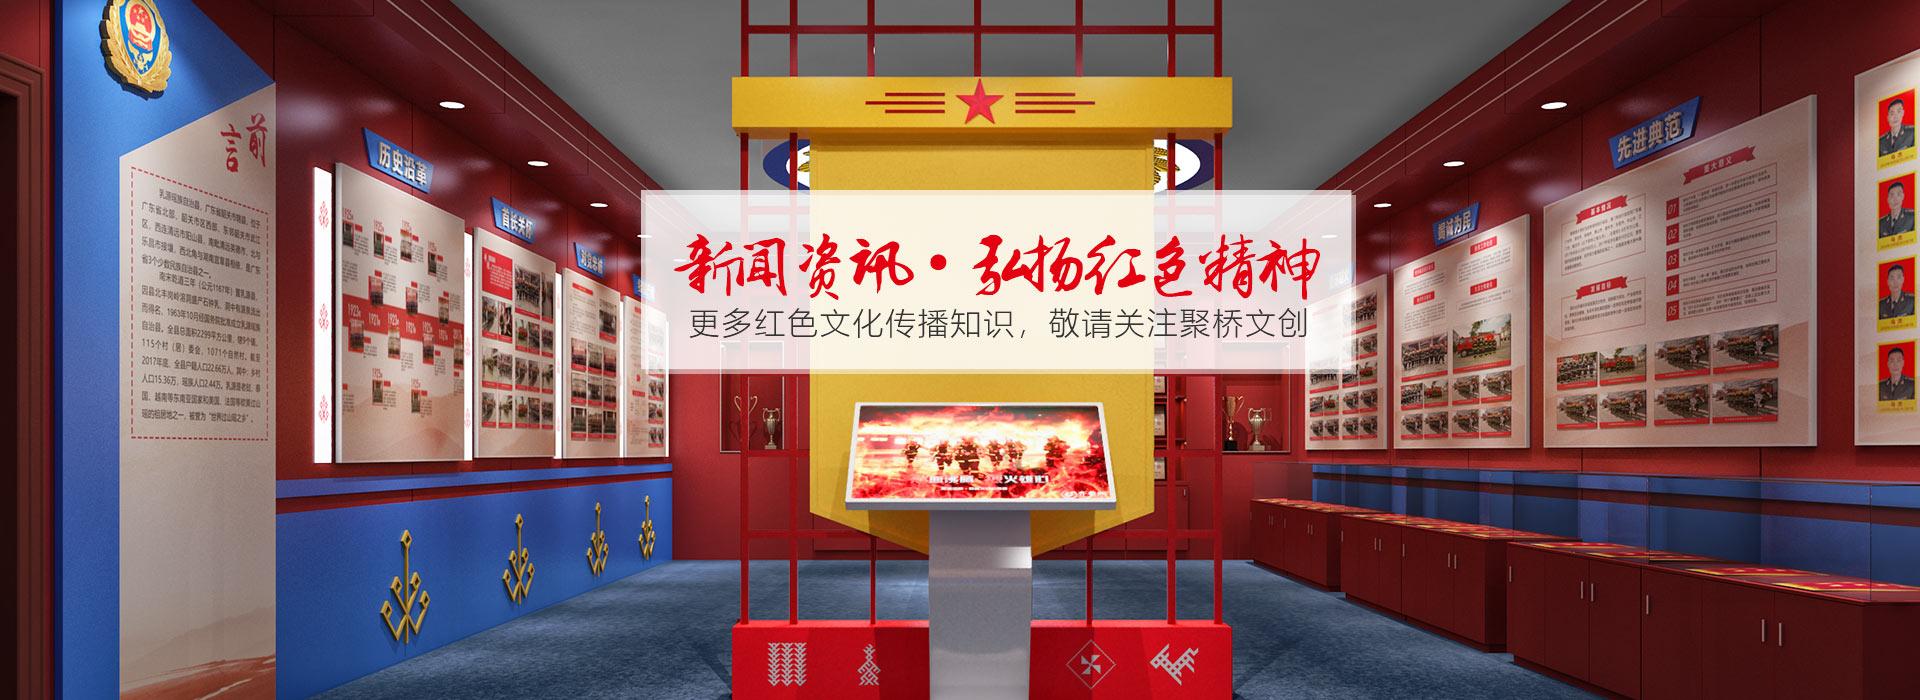 新闻资讯·弘扬红色精神     更多红色文化传播知识,敬请关注聚桥文创